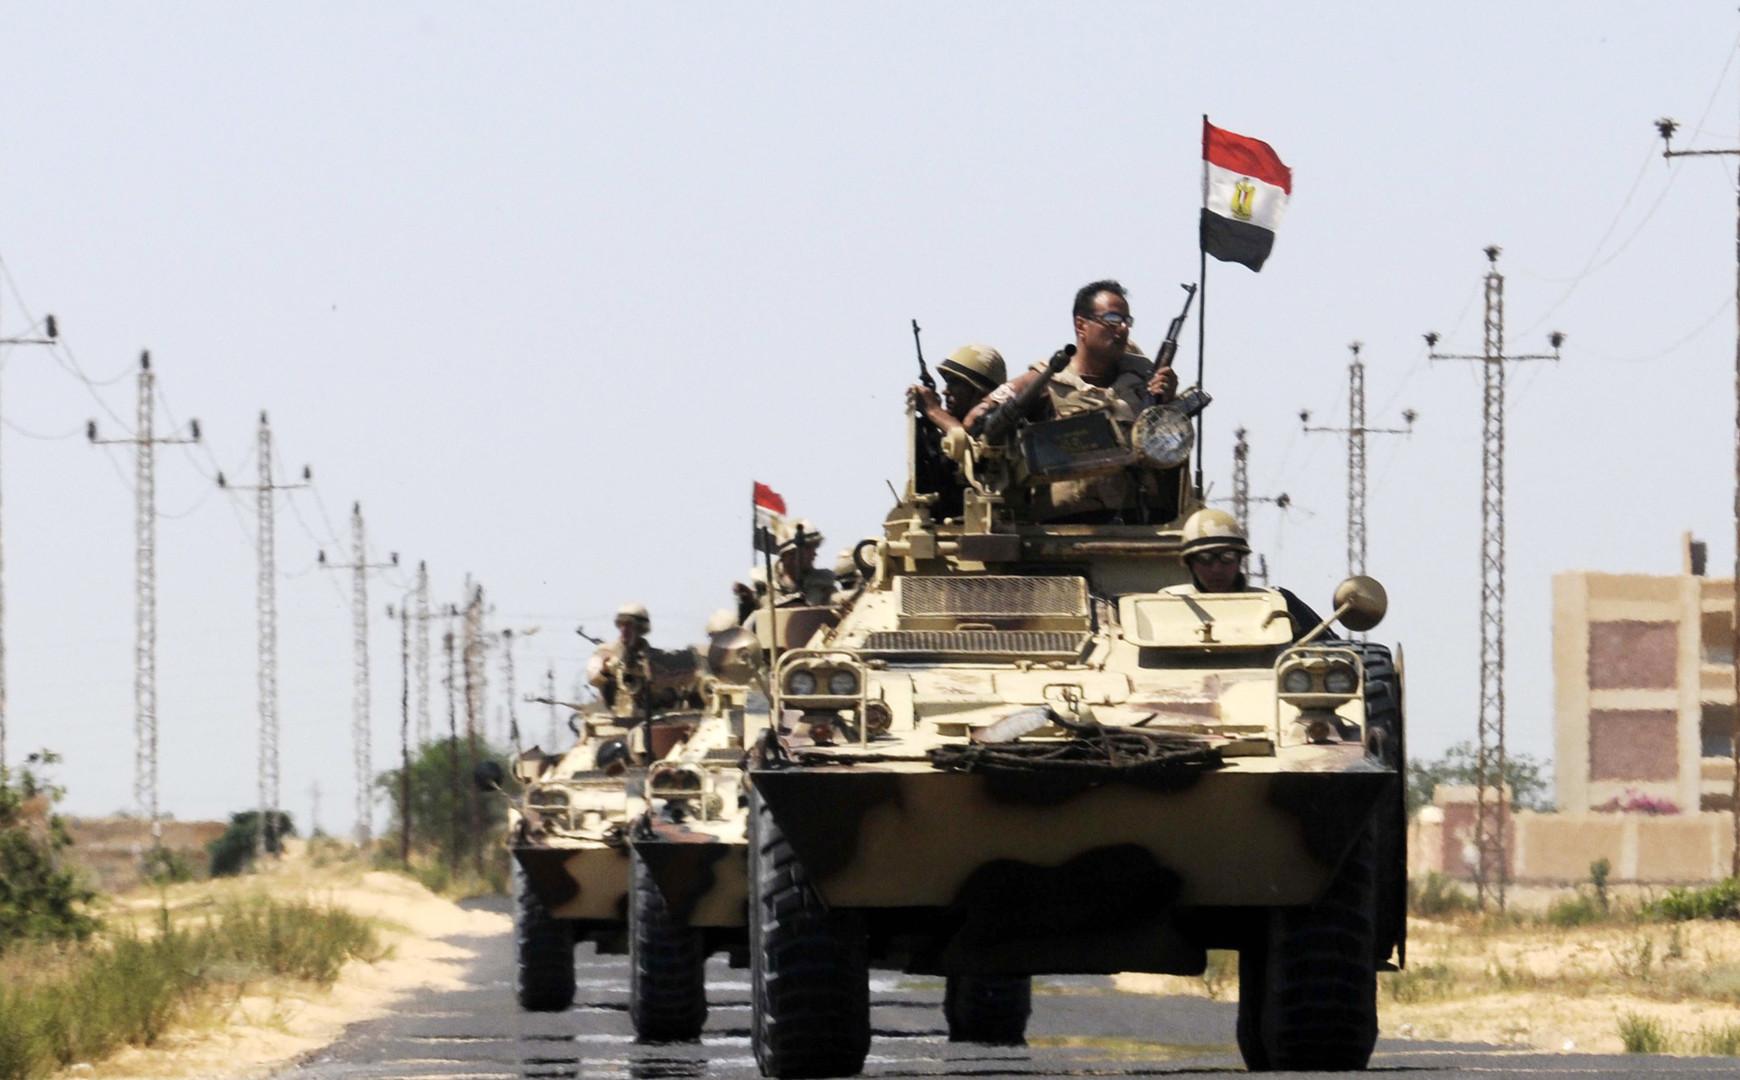 آليات عسكرية مصرية في سيناء - أرشيف